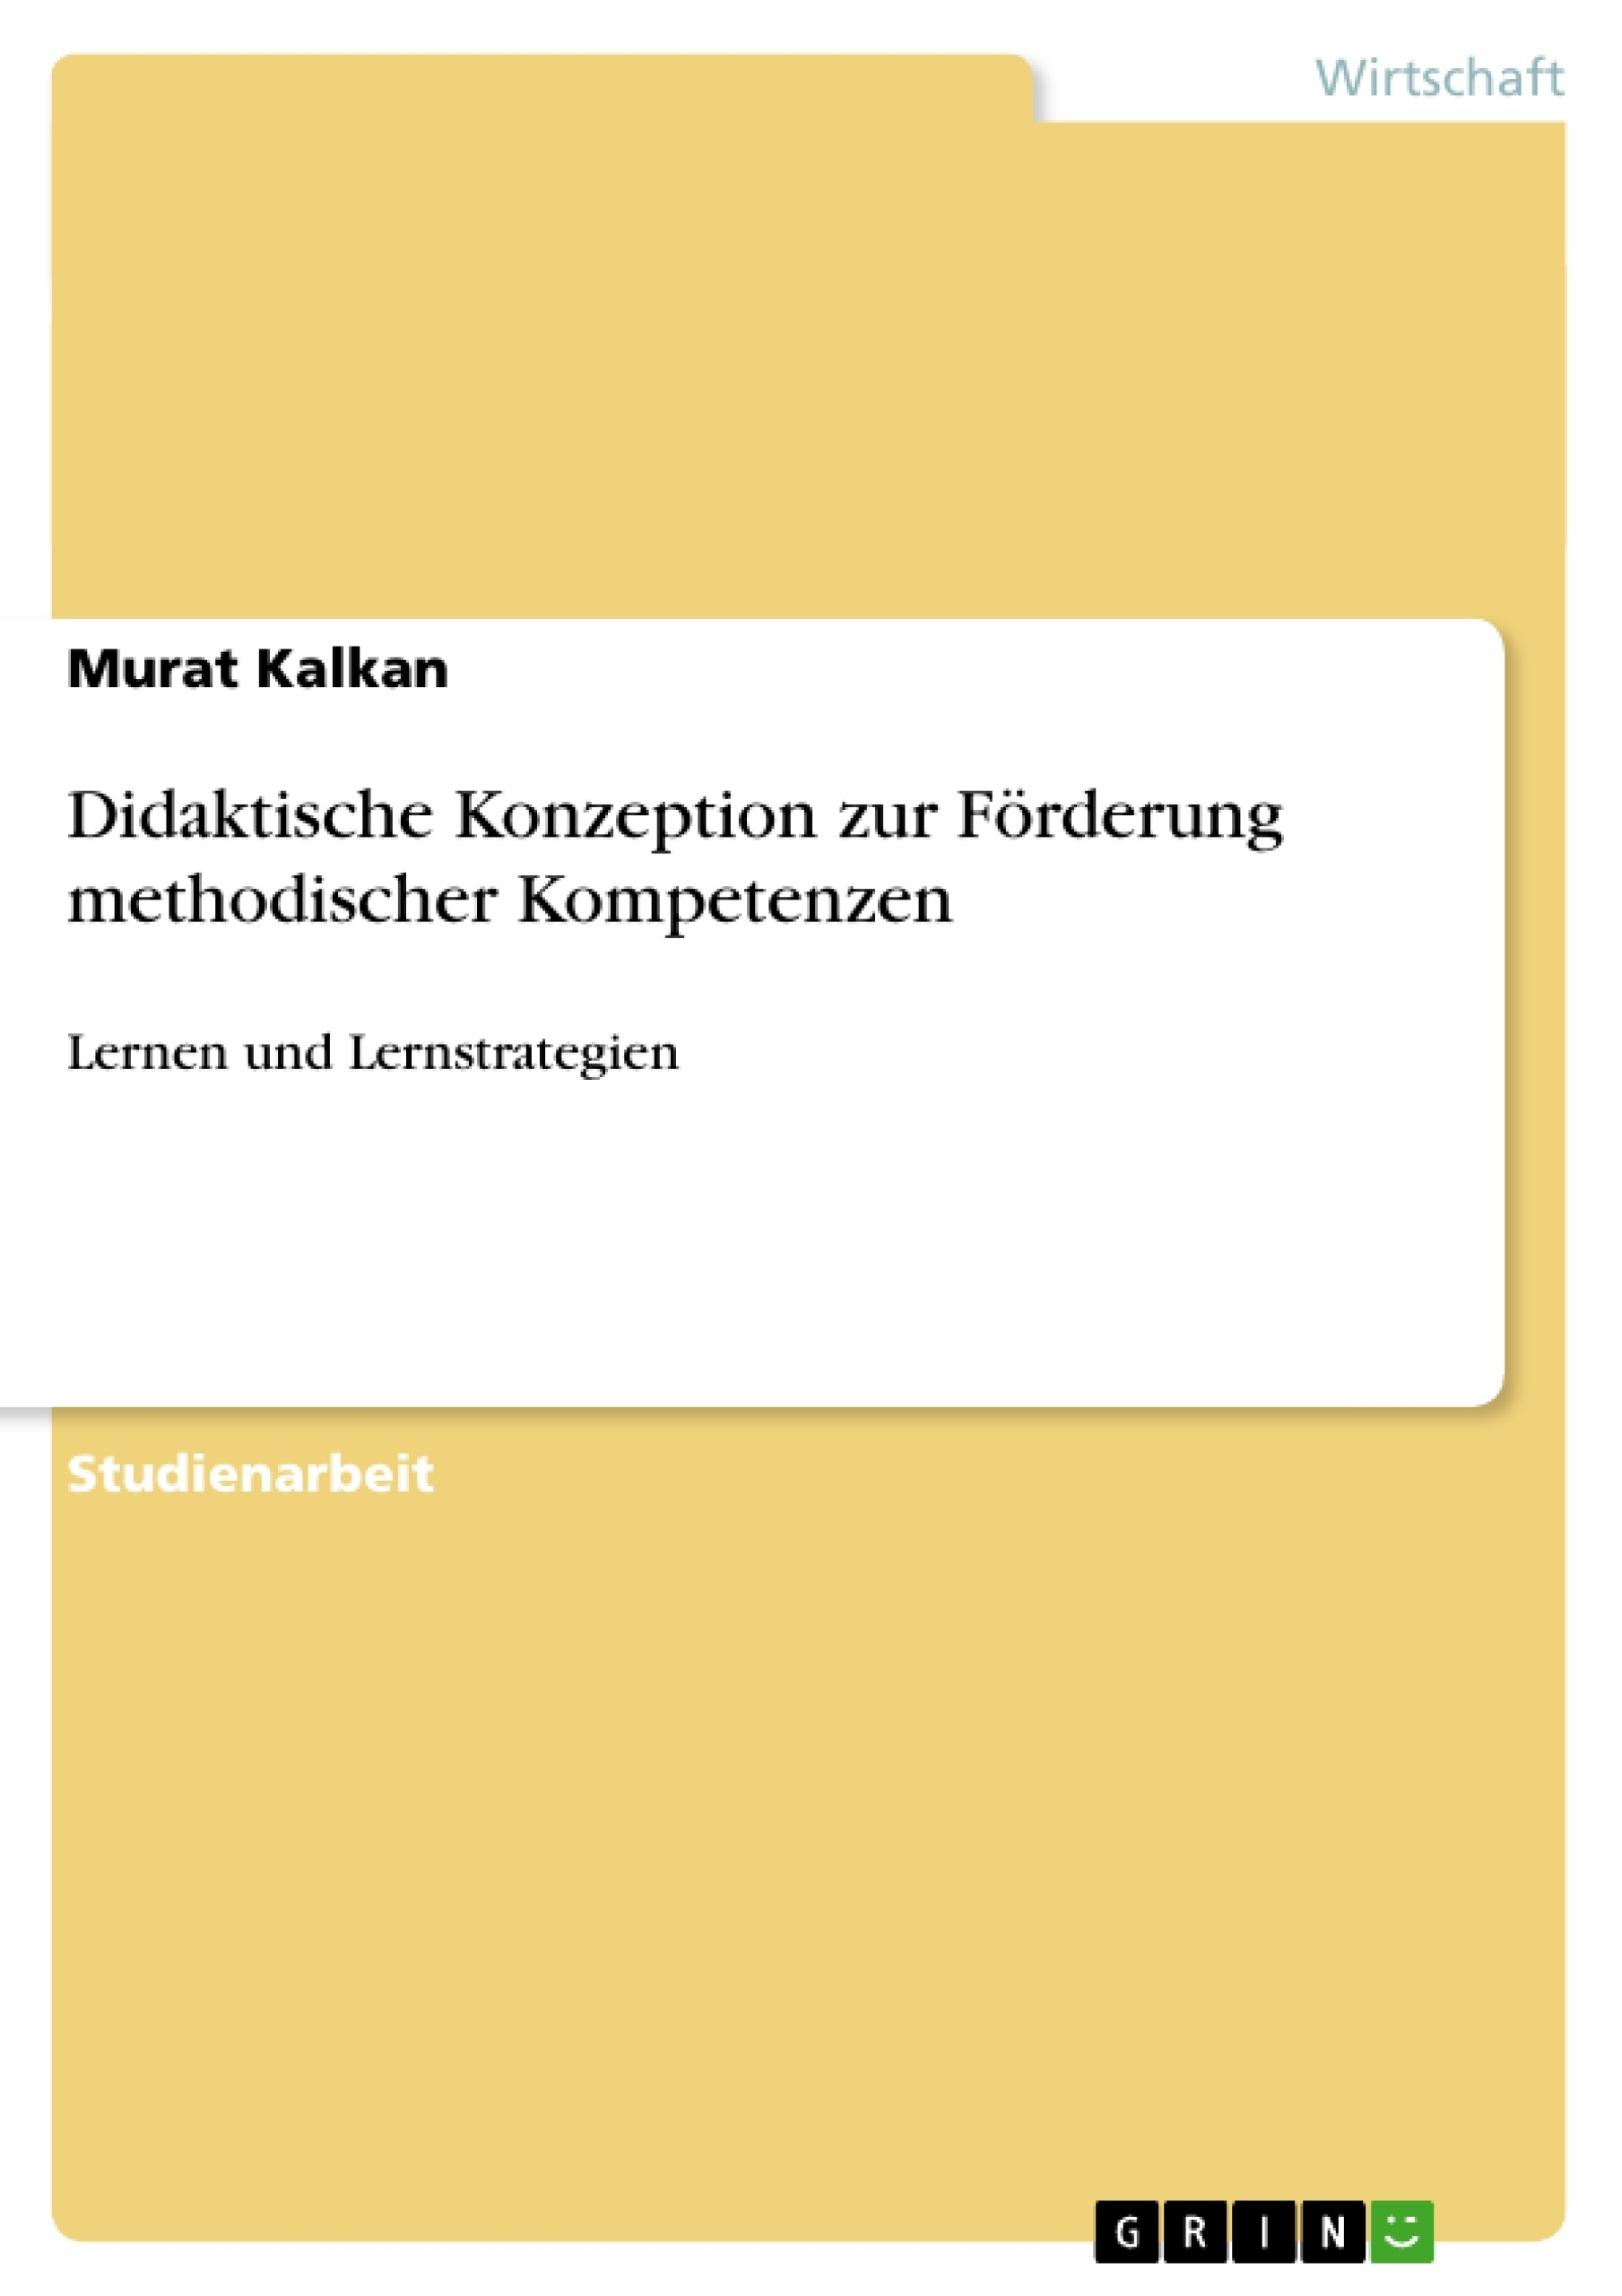 Titel: Didaktische Konzeption zur Förderung methodischer Kompetenzen